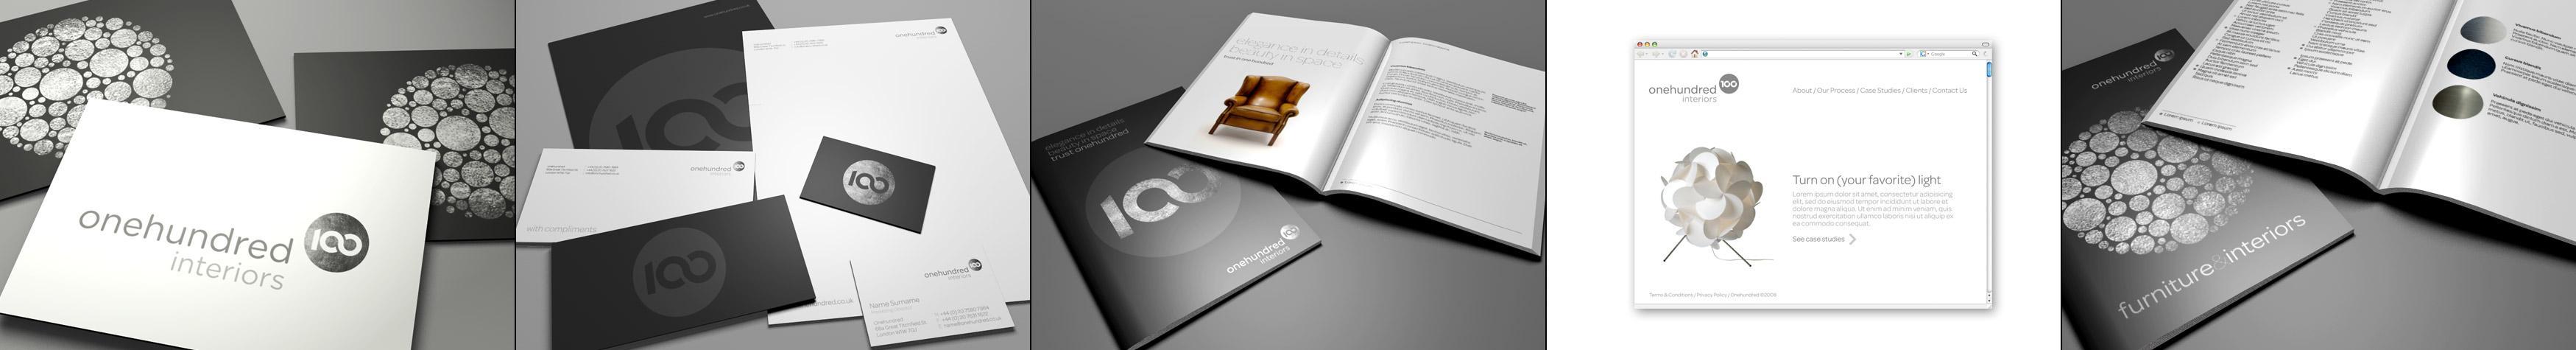 100 - onehundred - Branding | Branding Design | Brand Strategy | Brand Identity | Branding Corporate Identity | Global Branding, London, Dubai, UK